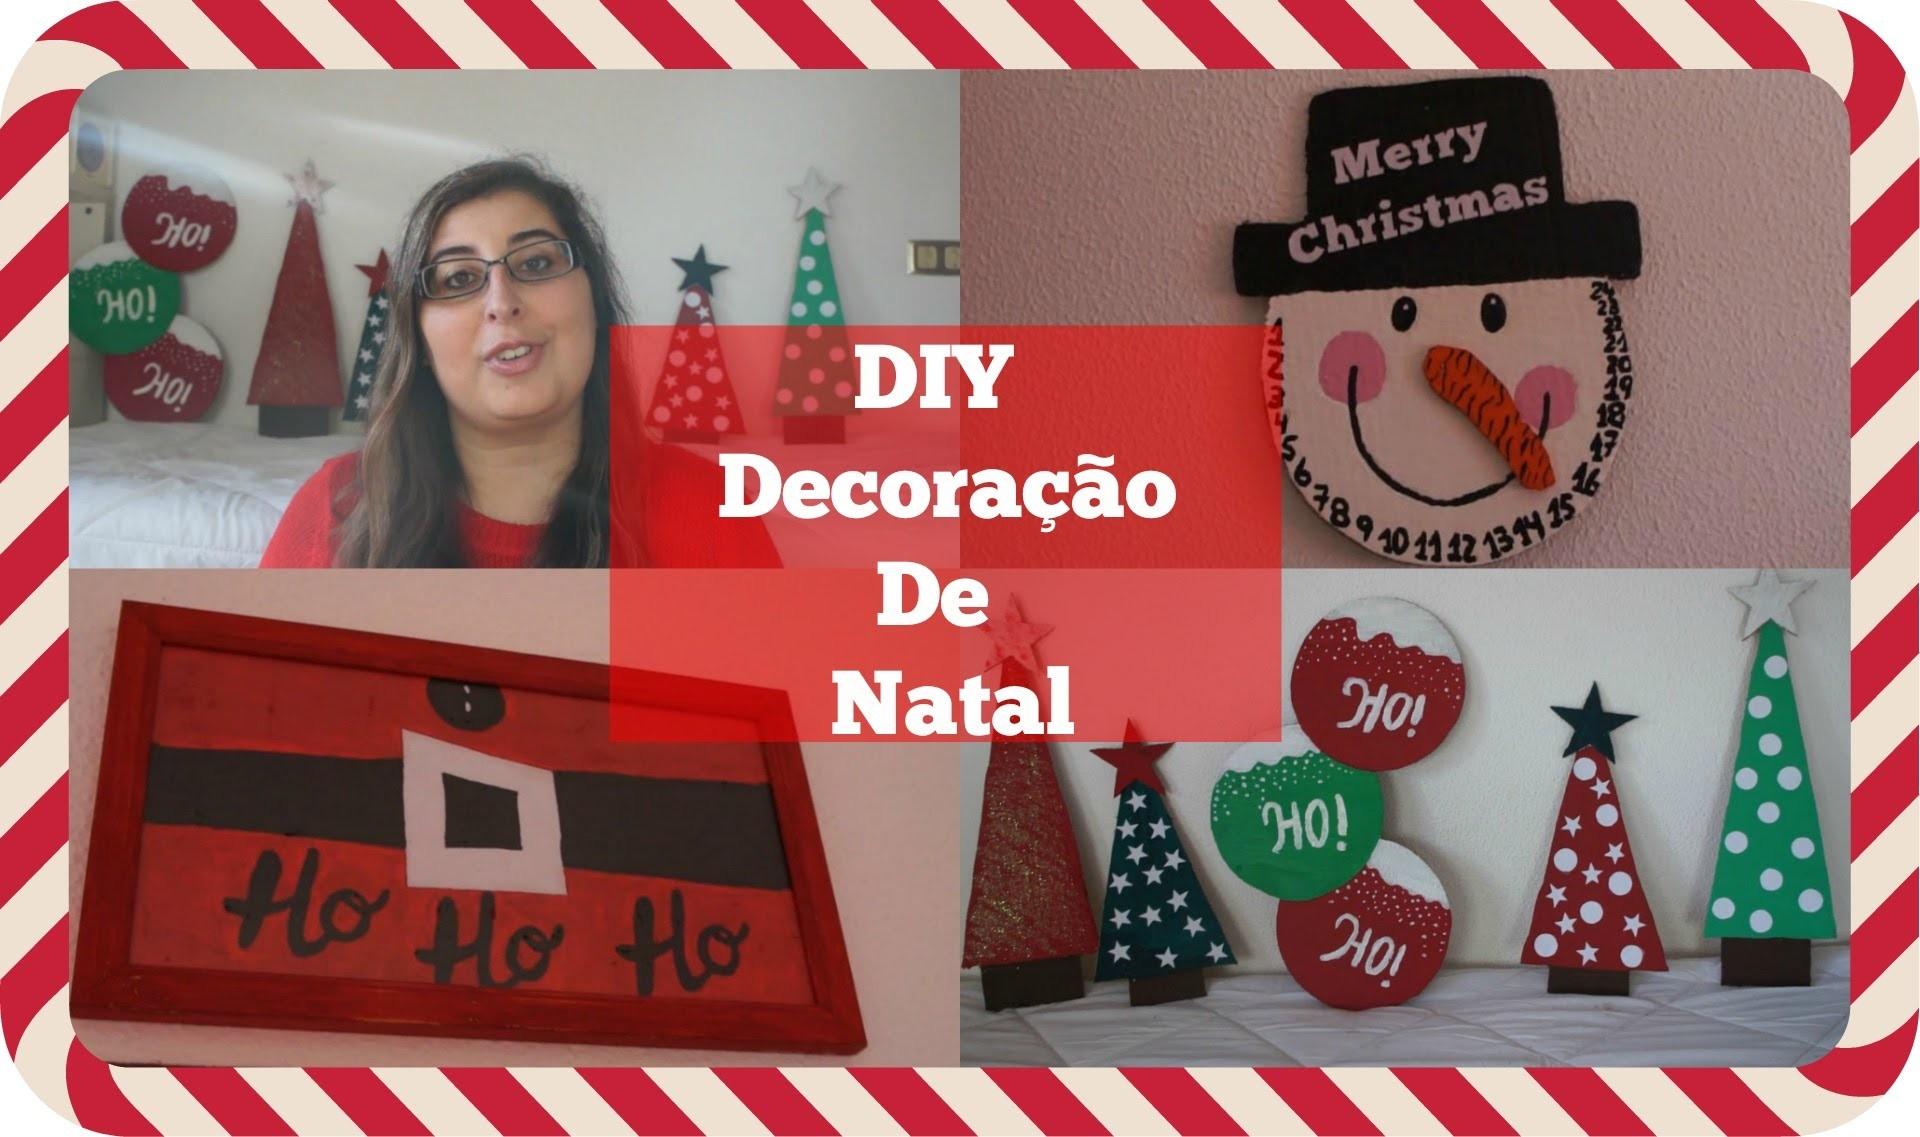 DIY Decorações de Natal ♡ (DIY Christmas Decor)   Ana Correia